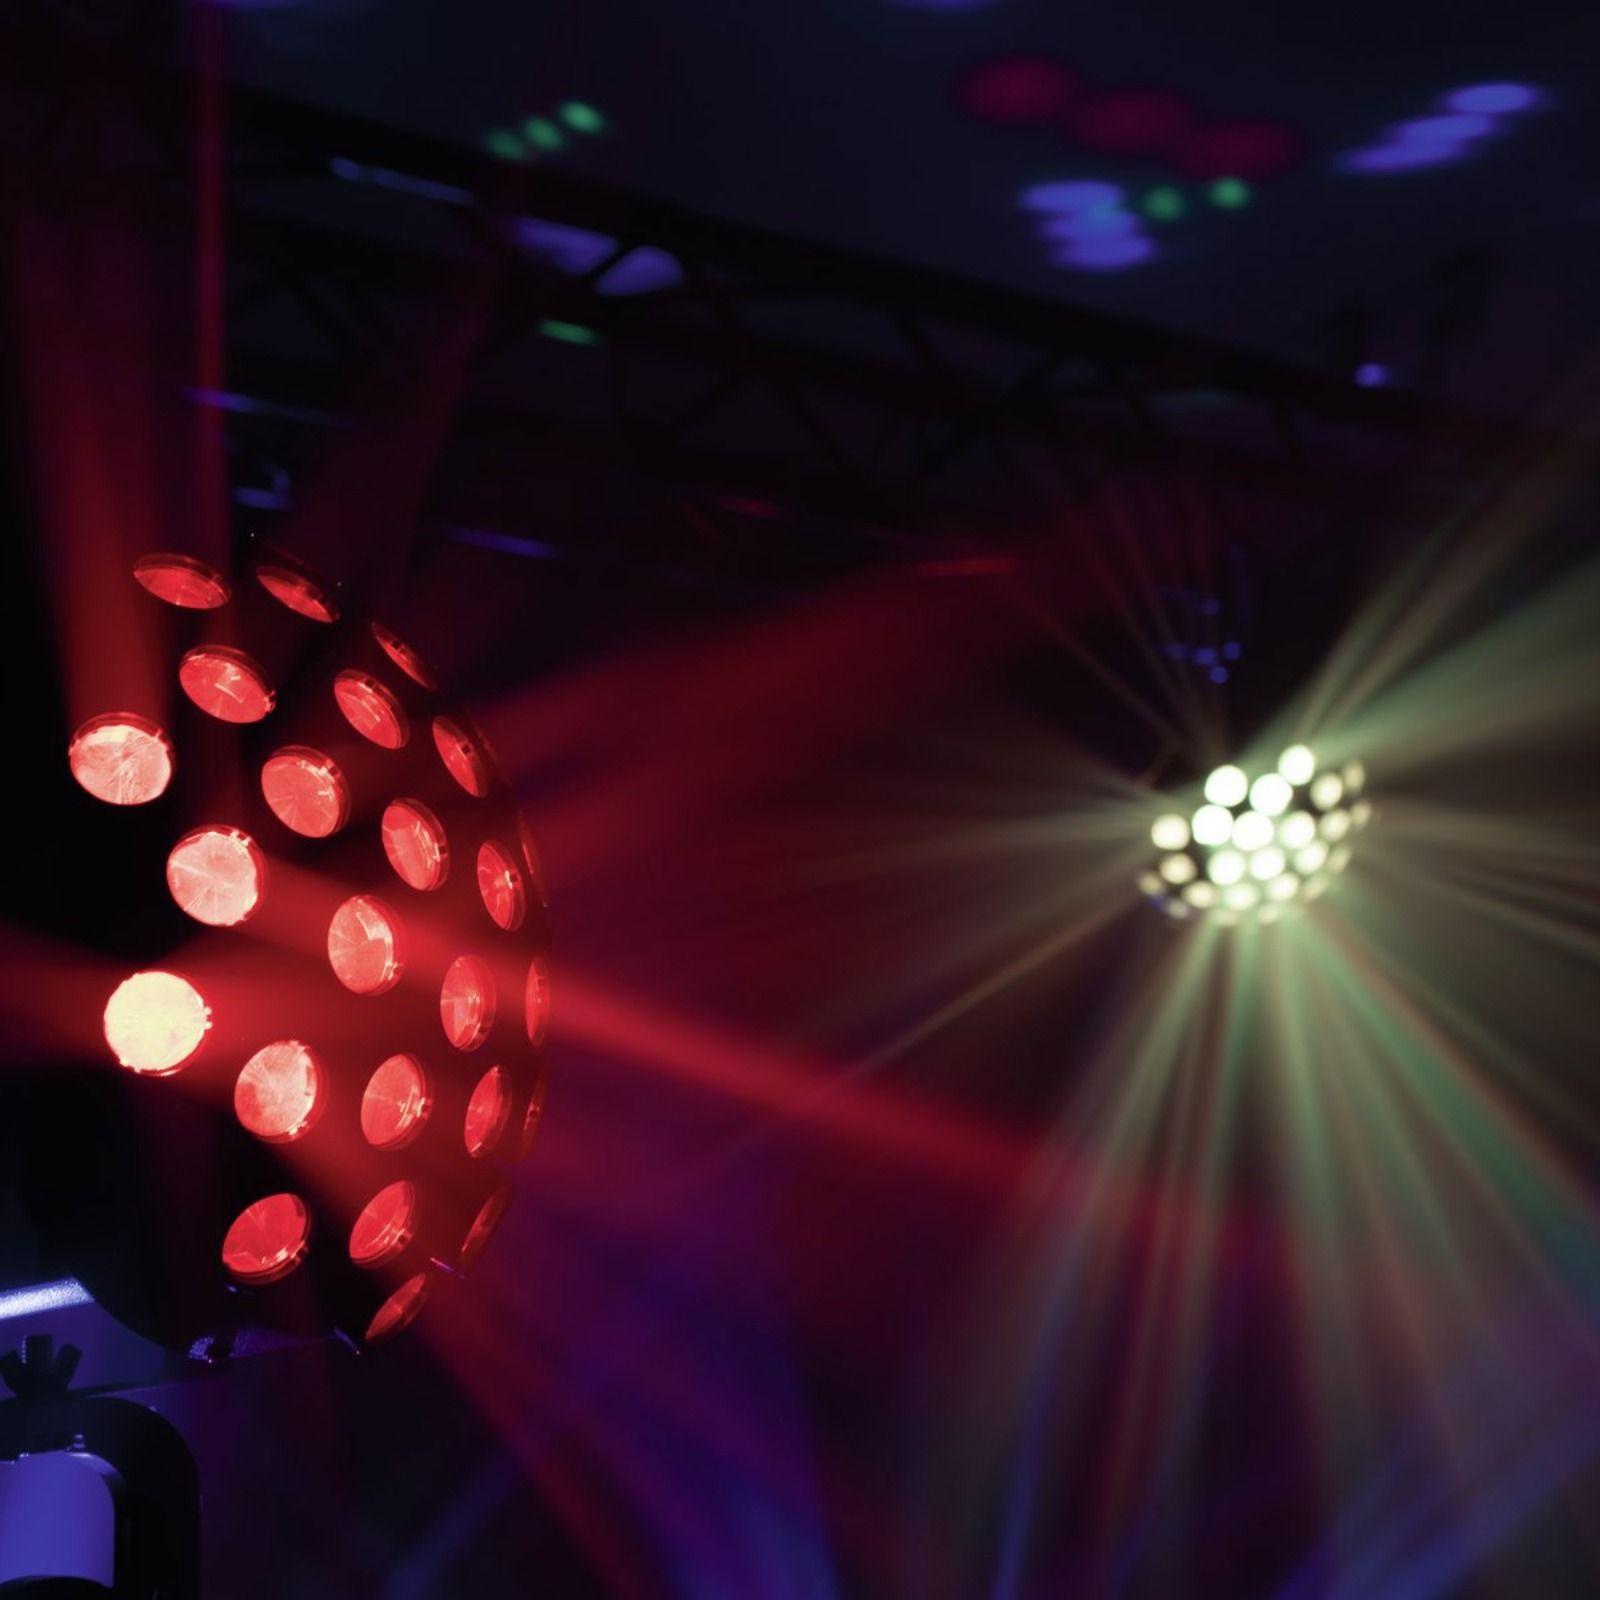 Eurolite Led Light Liner Mit Bildern Led Grundfarben Partyraum